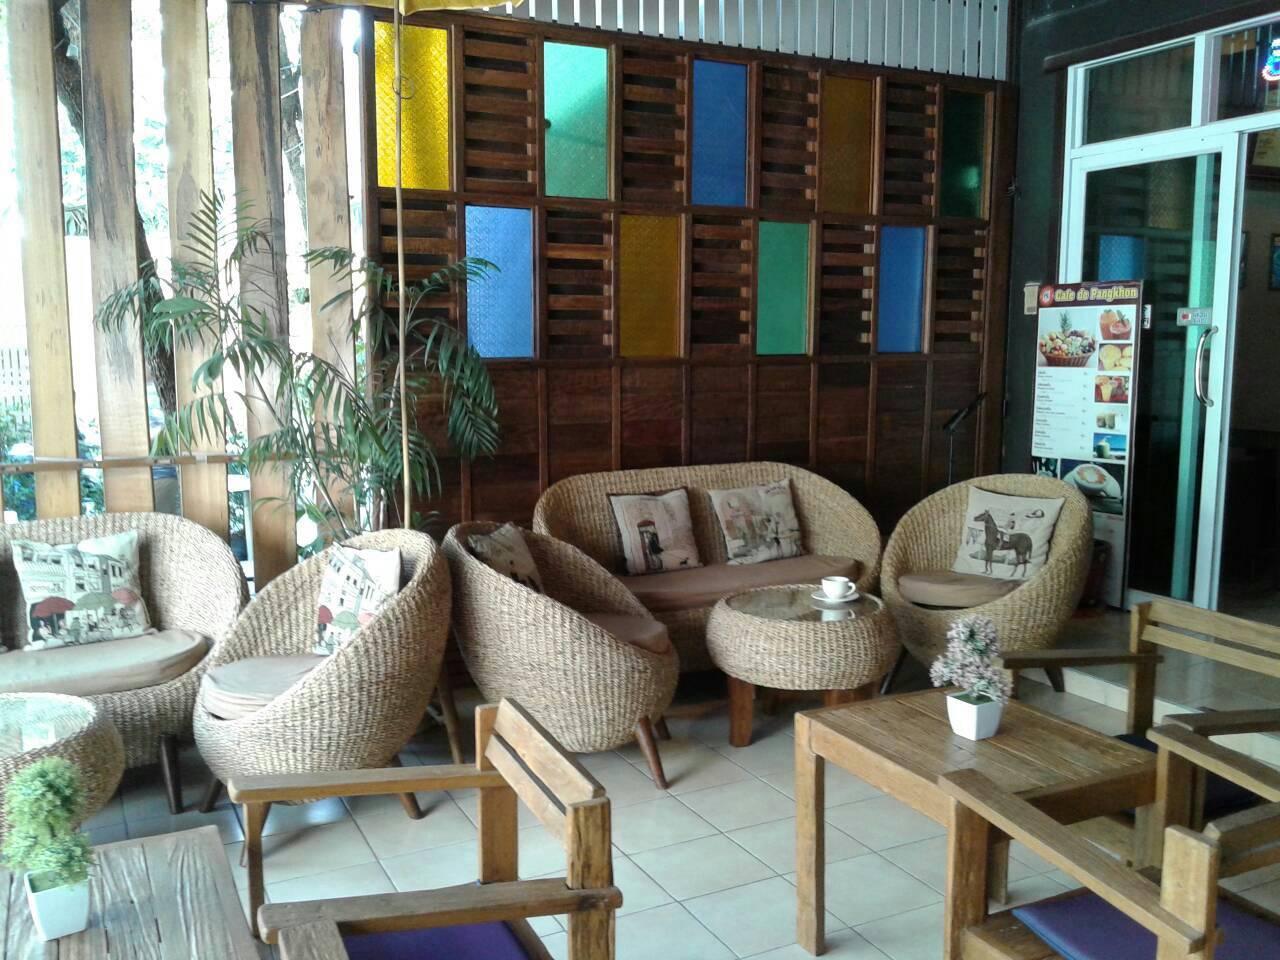 尼曼13巷班谷咖啡旅馆,คาเฟ่ เดอ ปางขอน แอท นิมมาน ซอย 13 เกสต์เฮาส์